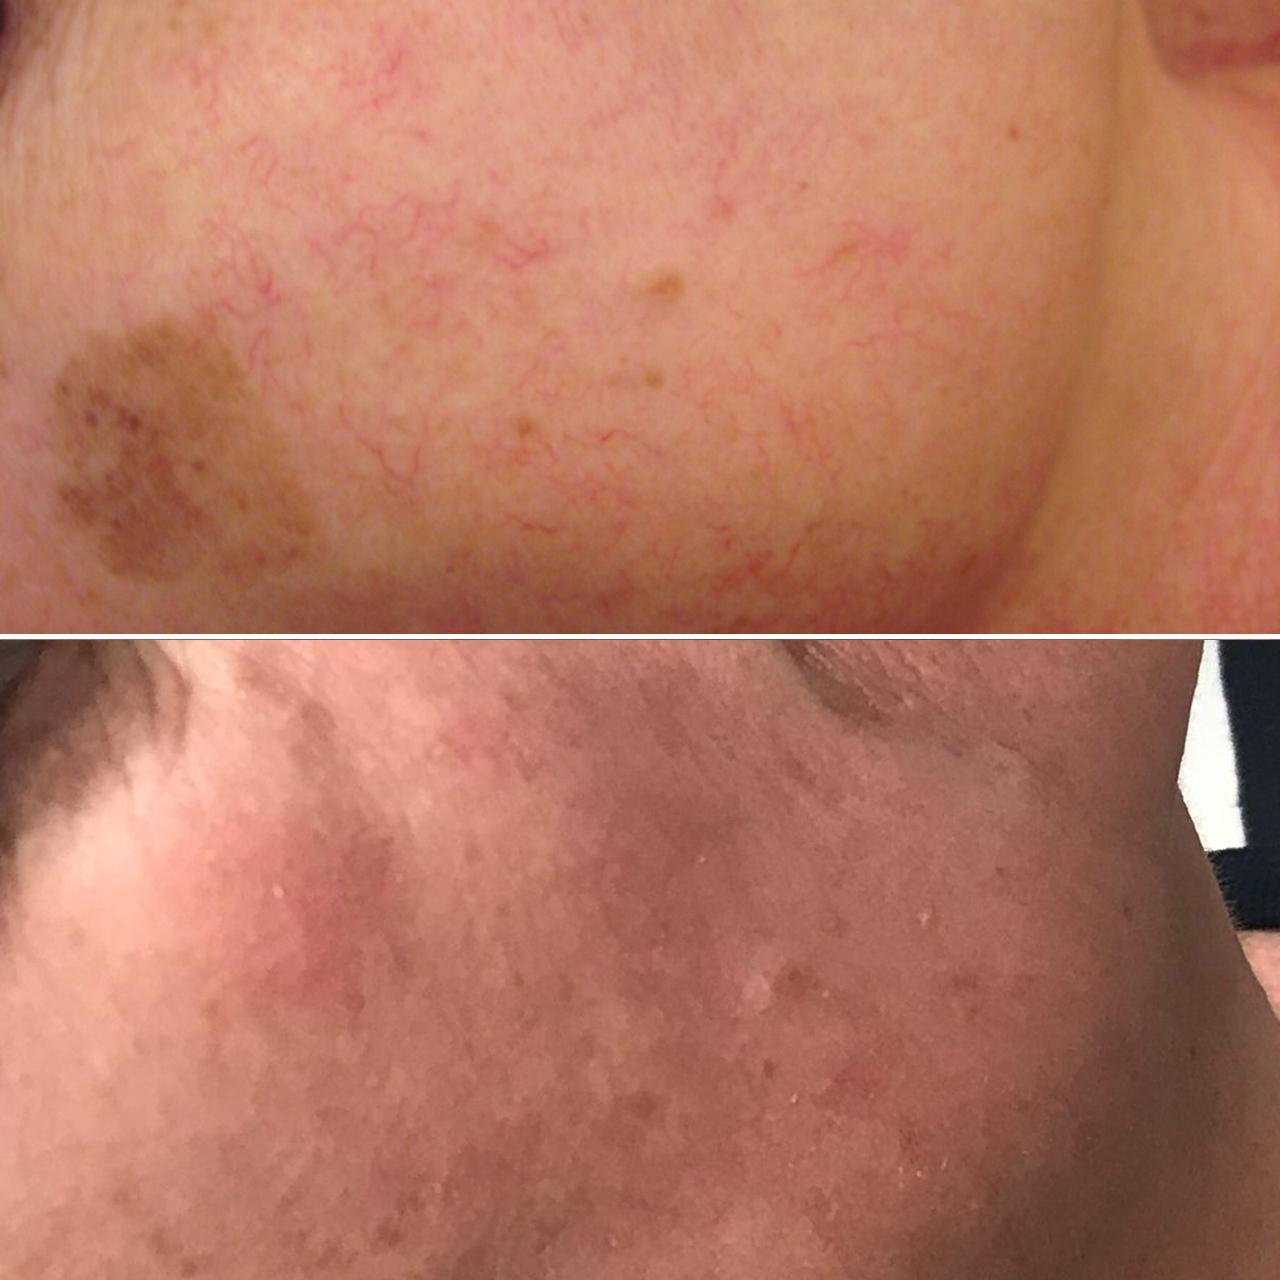 Виды пигментных пятен и причины их появления, в чем преимущество удаления лазером этой эстетической проблемы кожи, противопоказания и как проходит процедура.